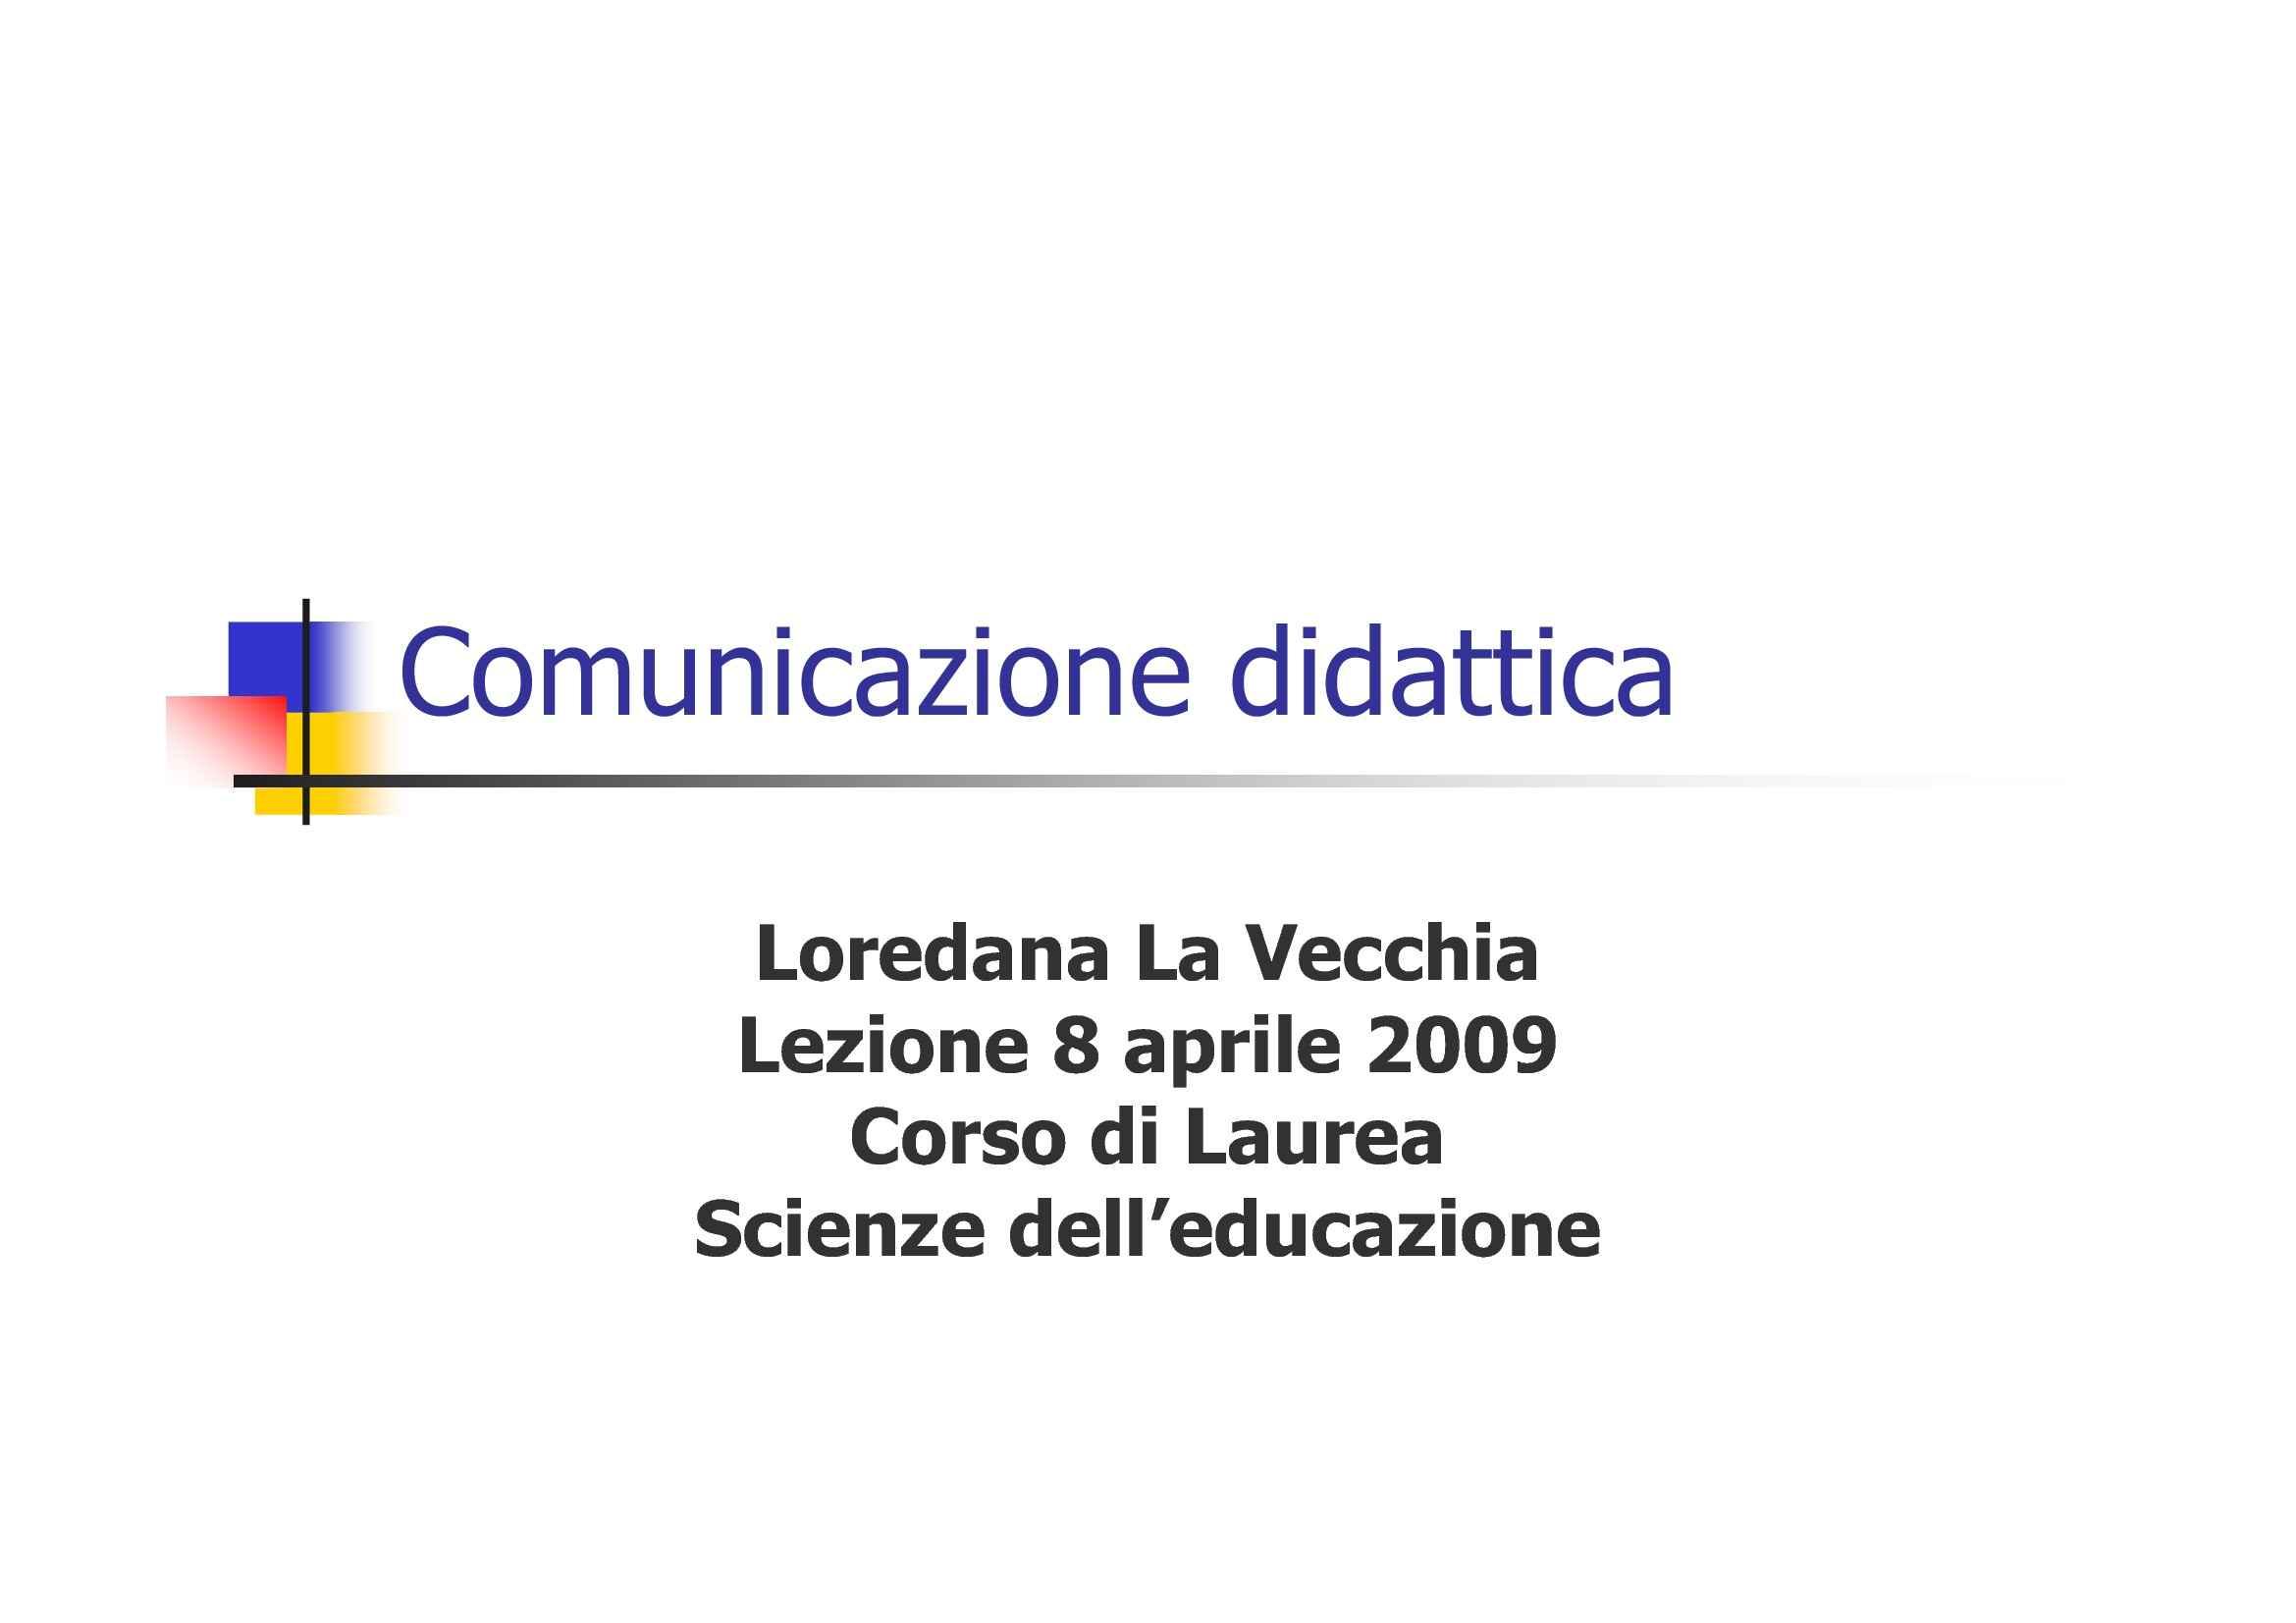 Comunicazione didattica